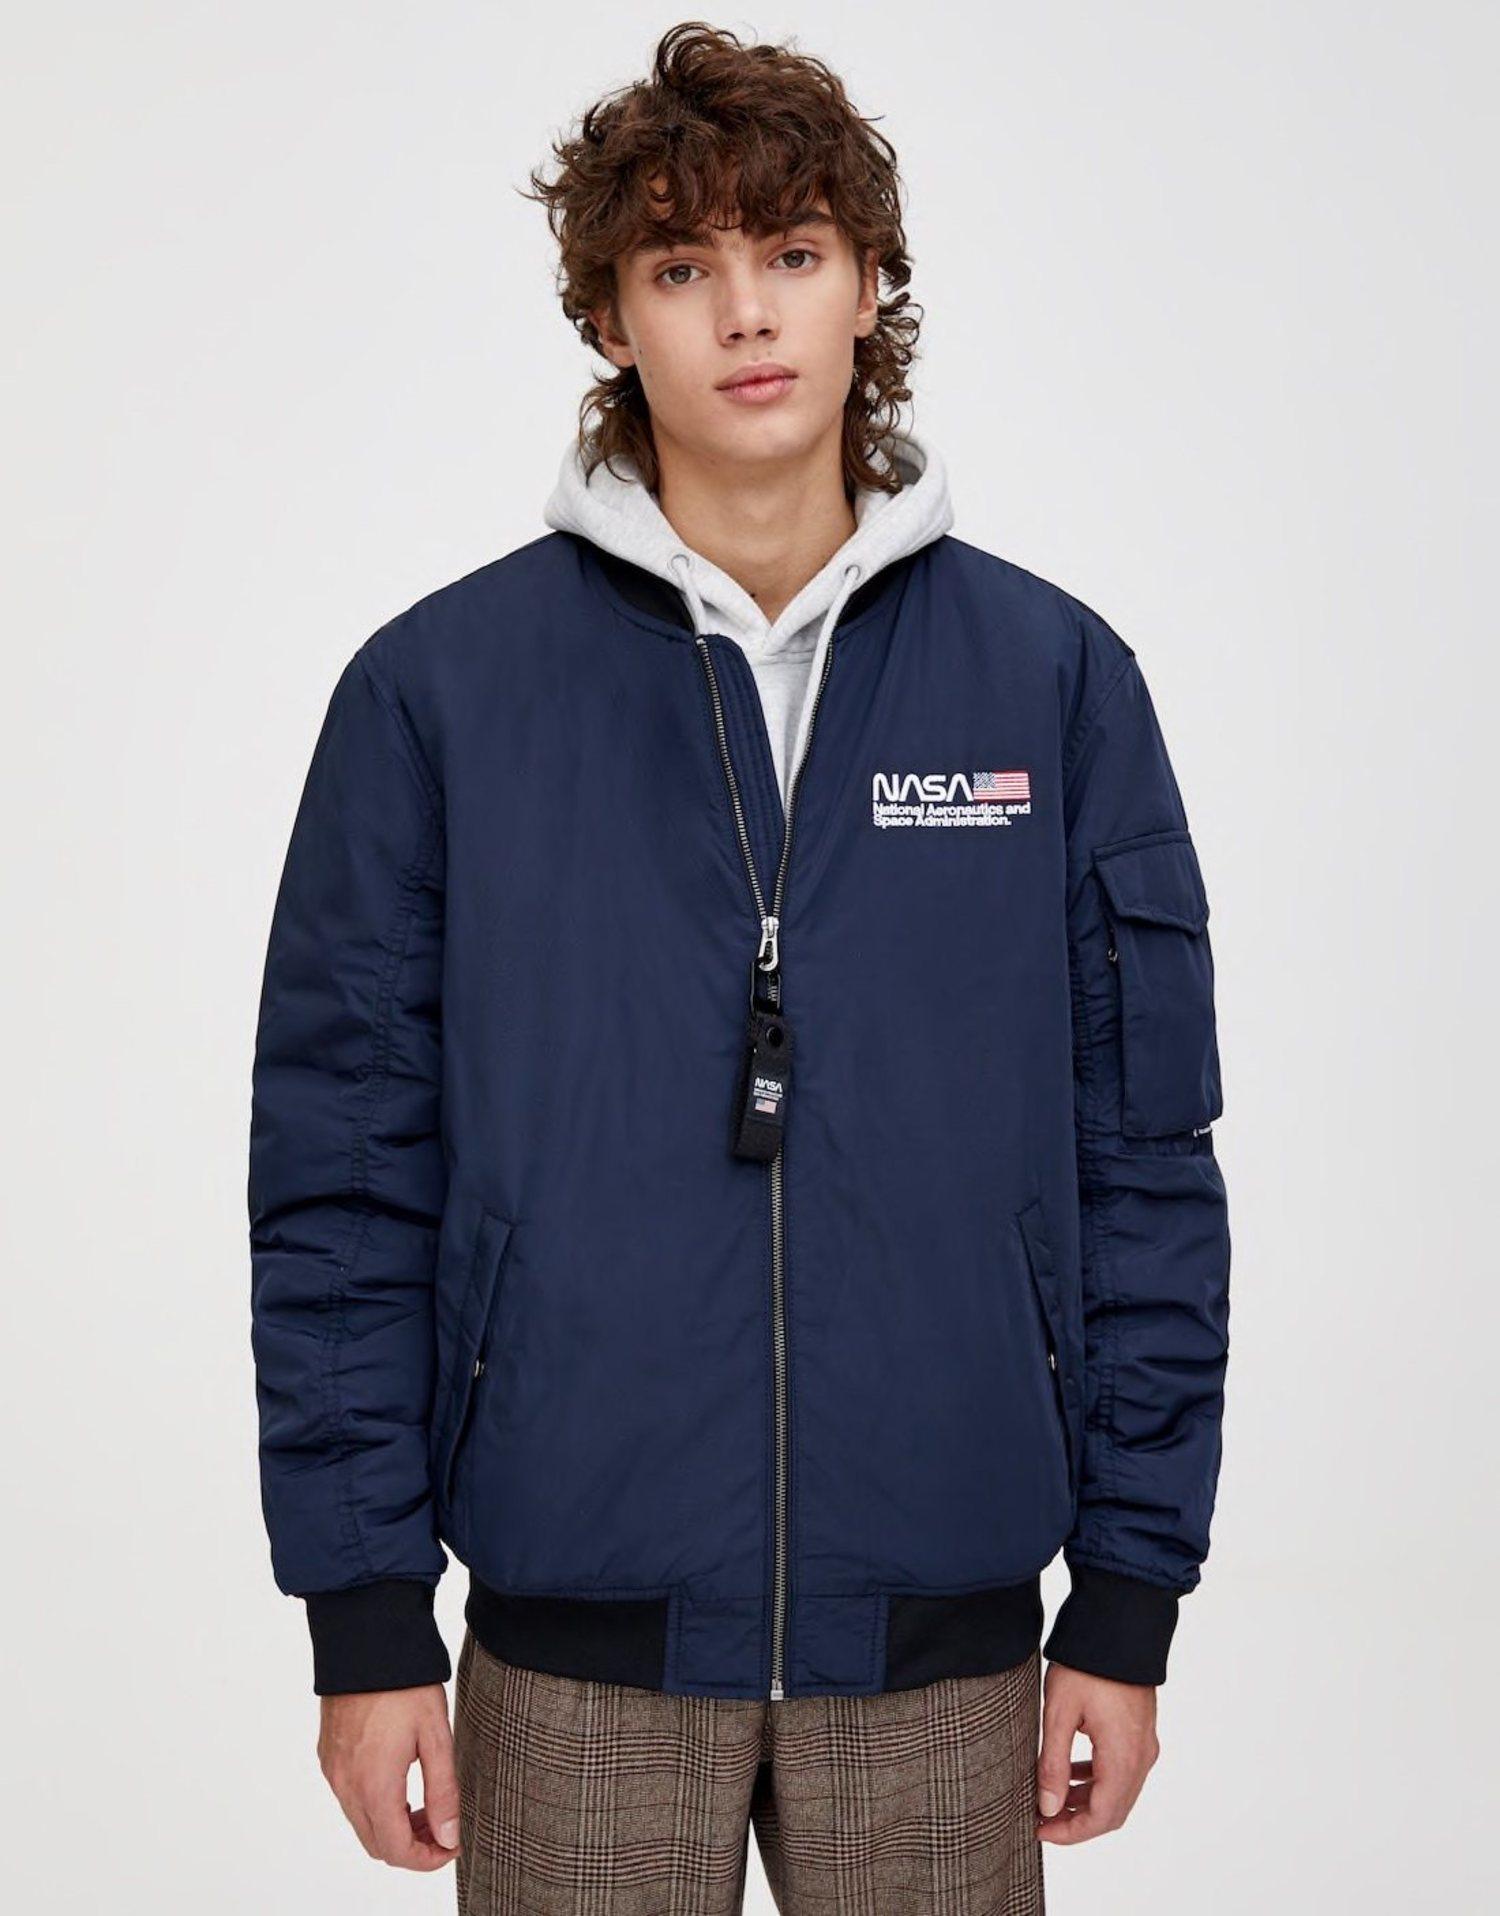 Esta chaqueta fue usada por los aviadores del siglo XX.